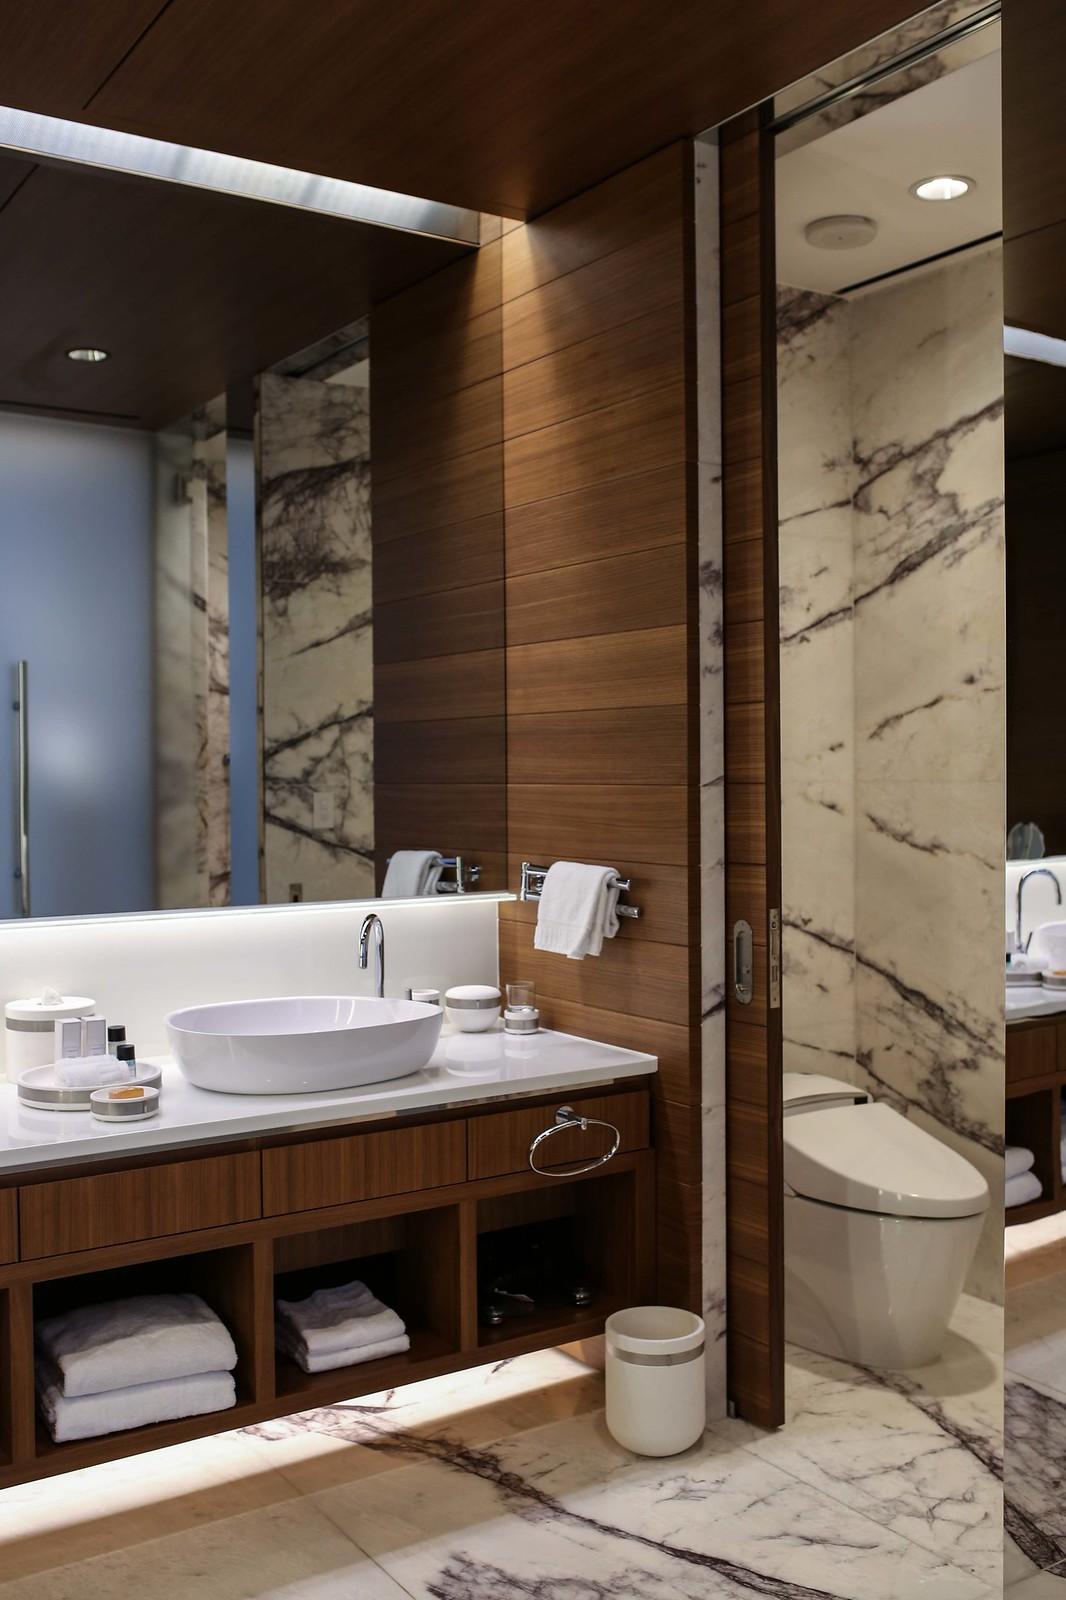 bathroom in red rock resort suite